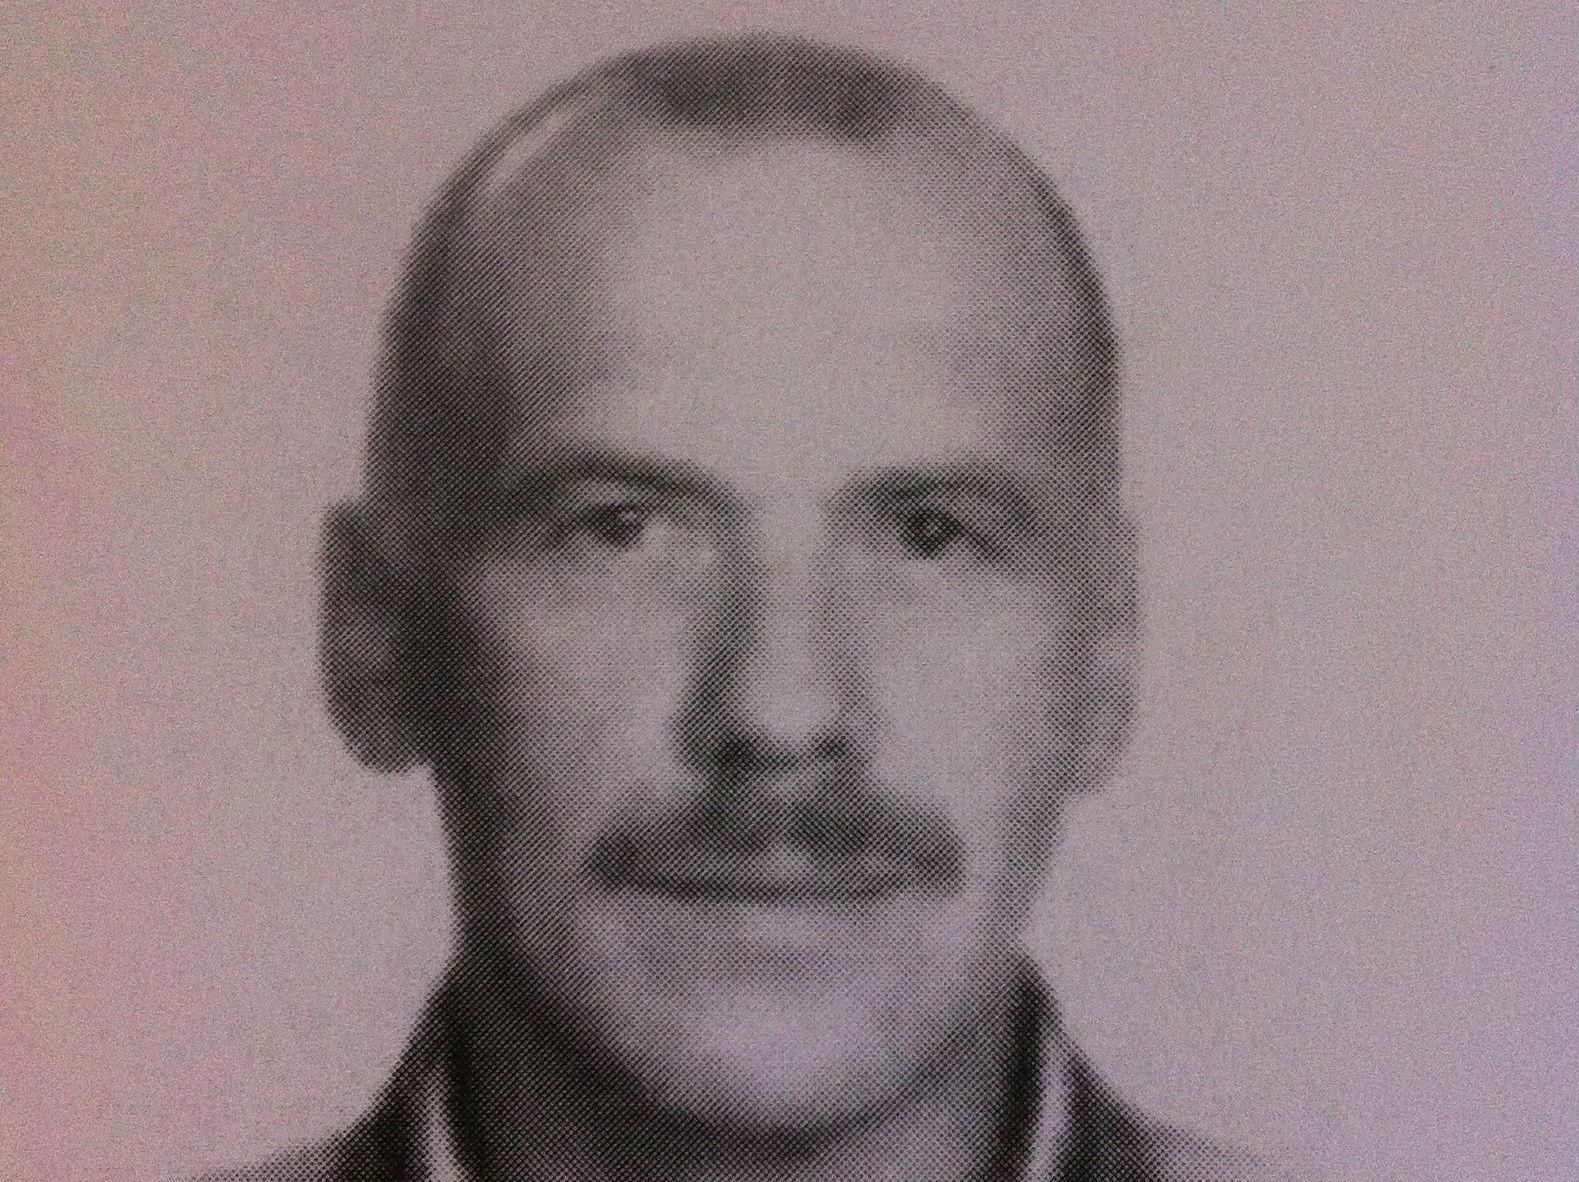 Жительница Московской области ищет 62-летнего отца, пропавшего в Коми